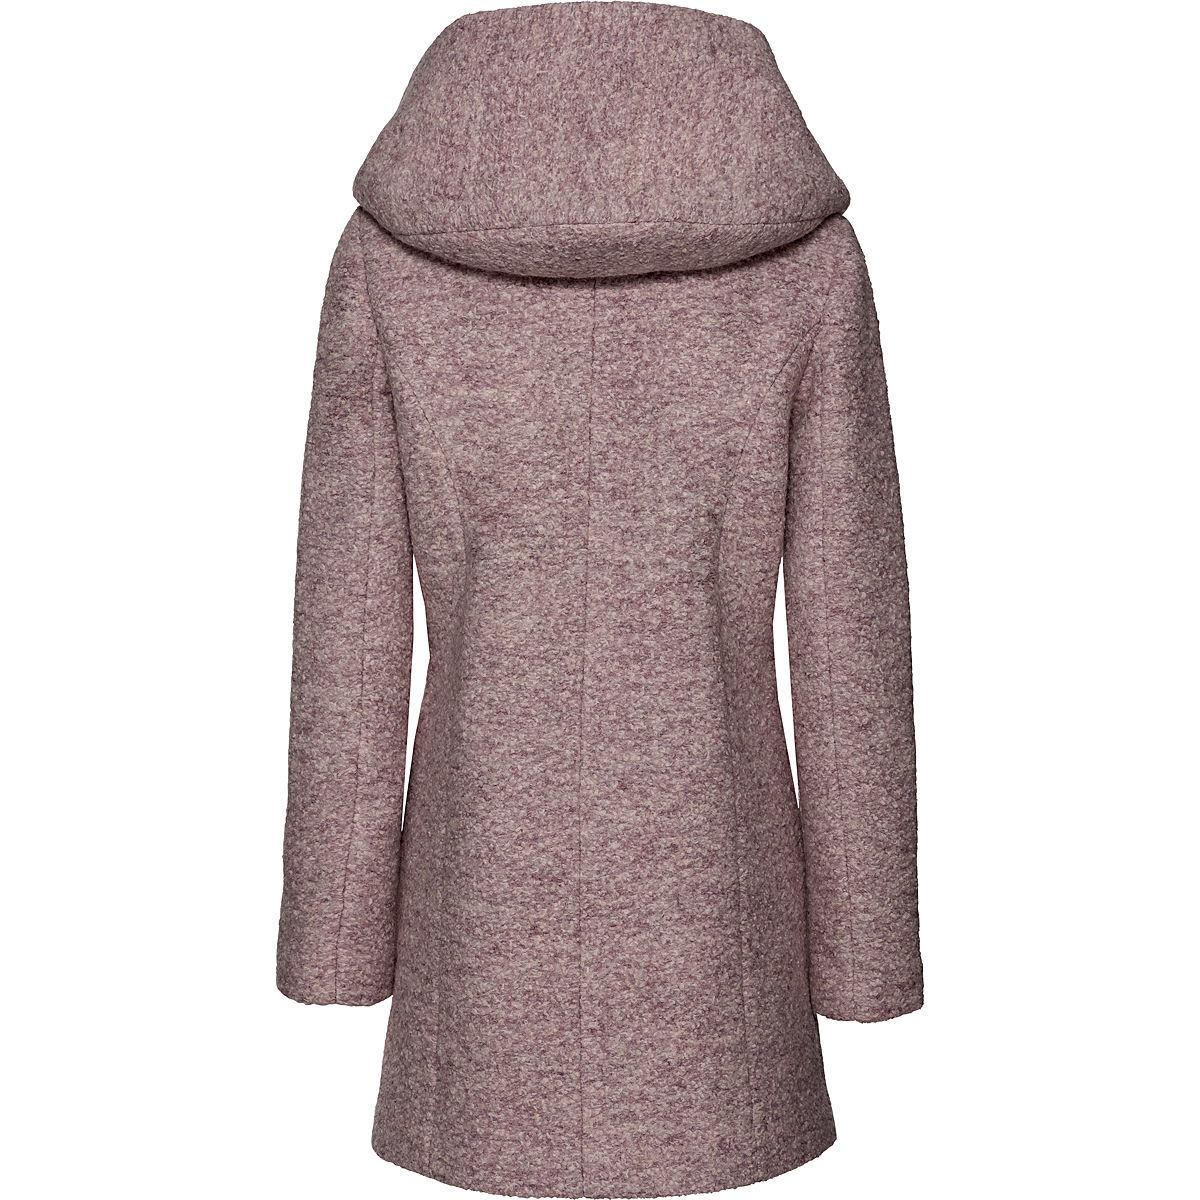 Bild 2 von Only Damen Mantel mit Kapuze